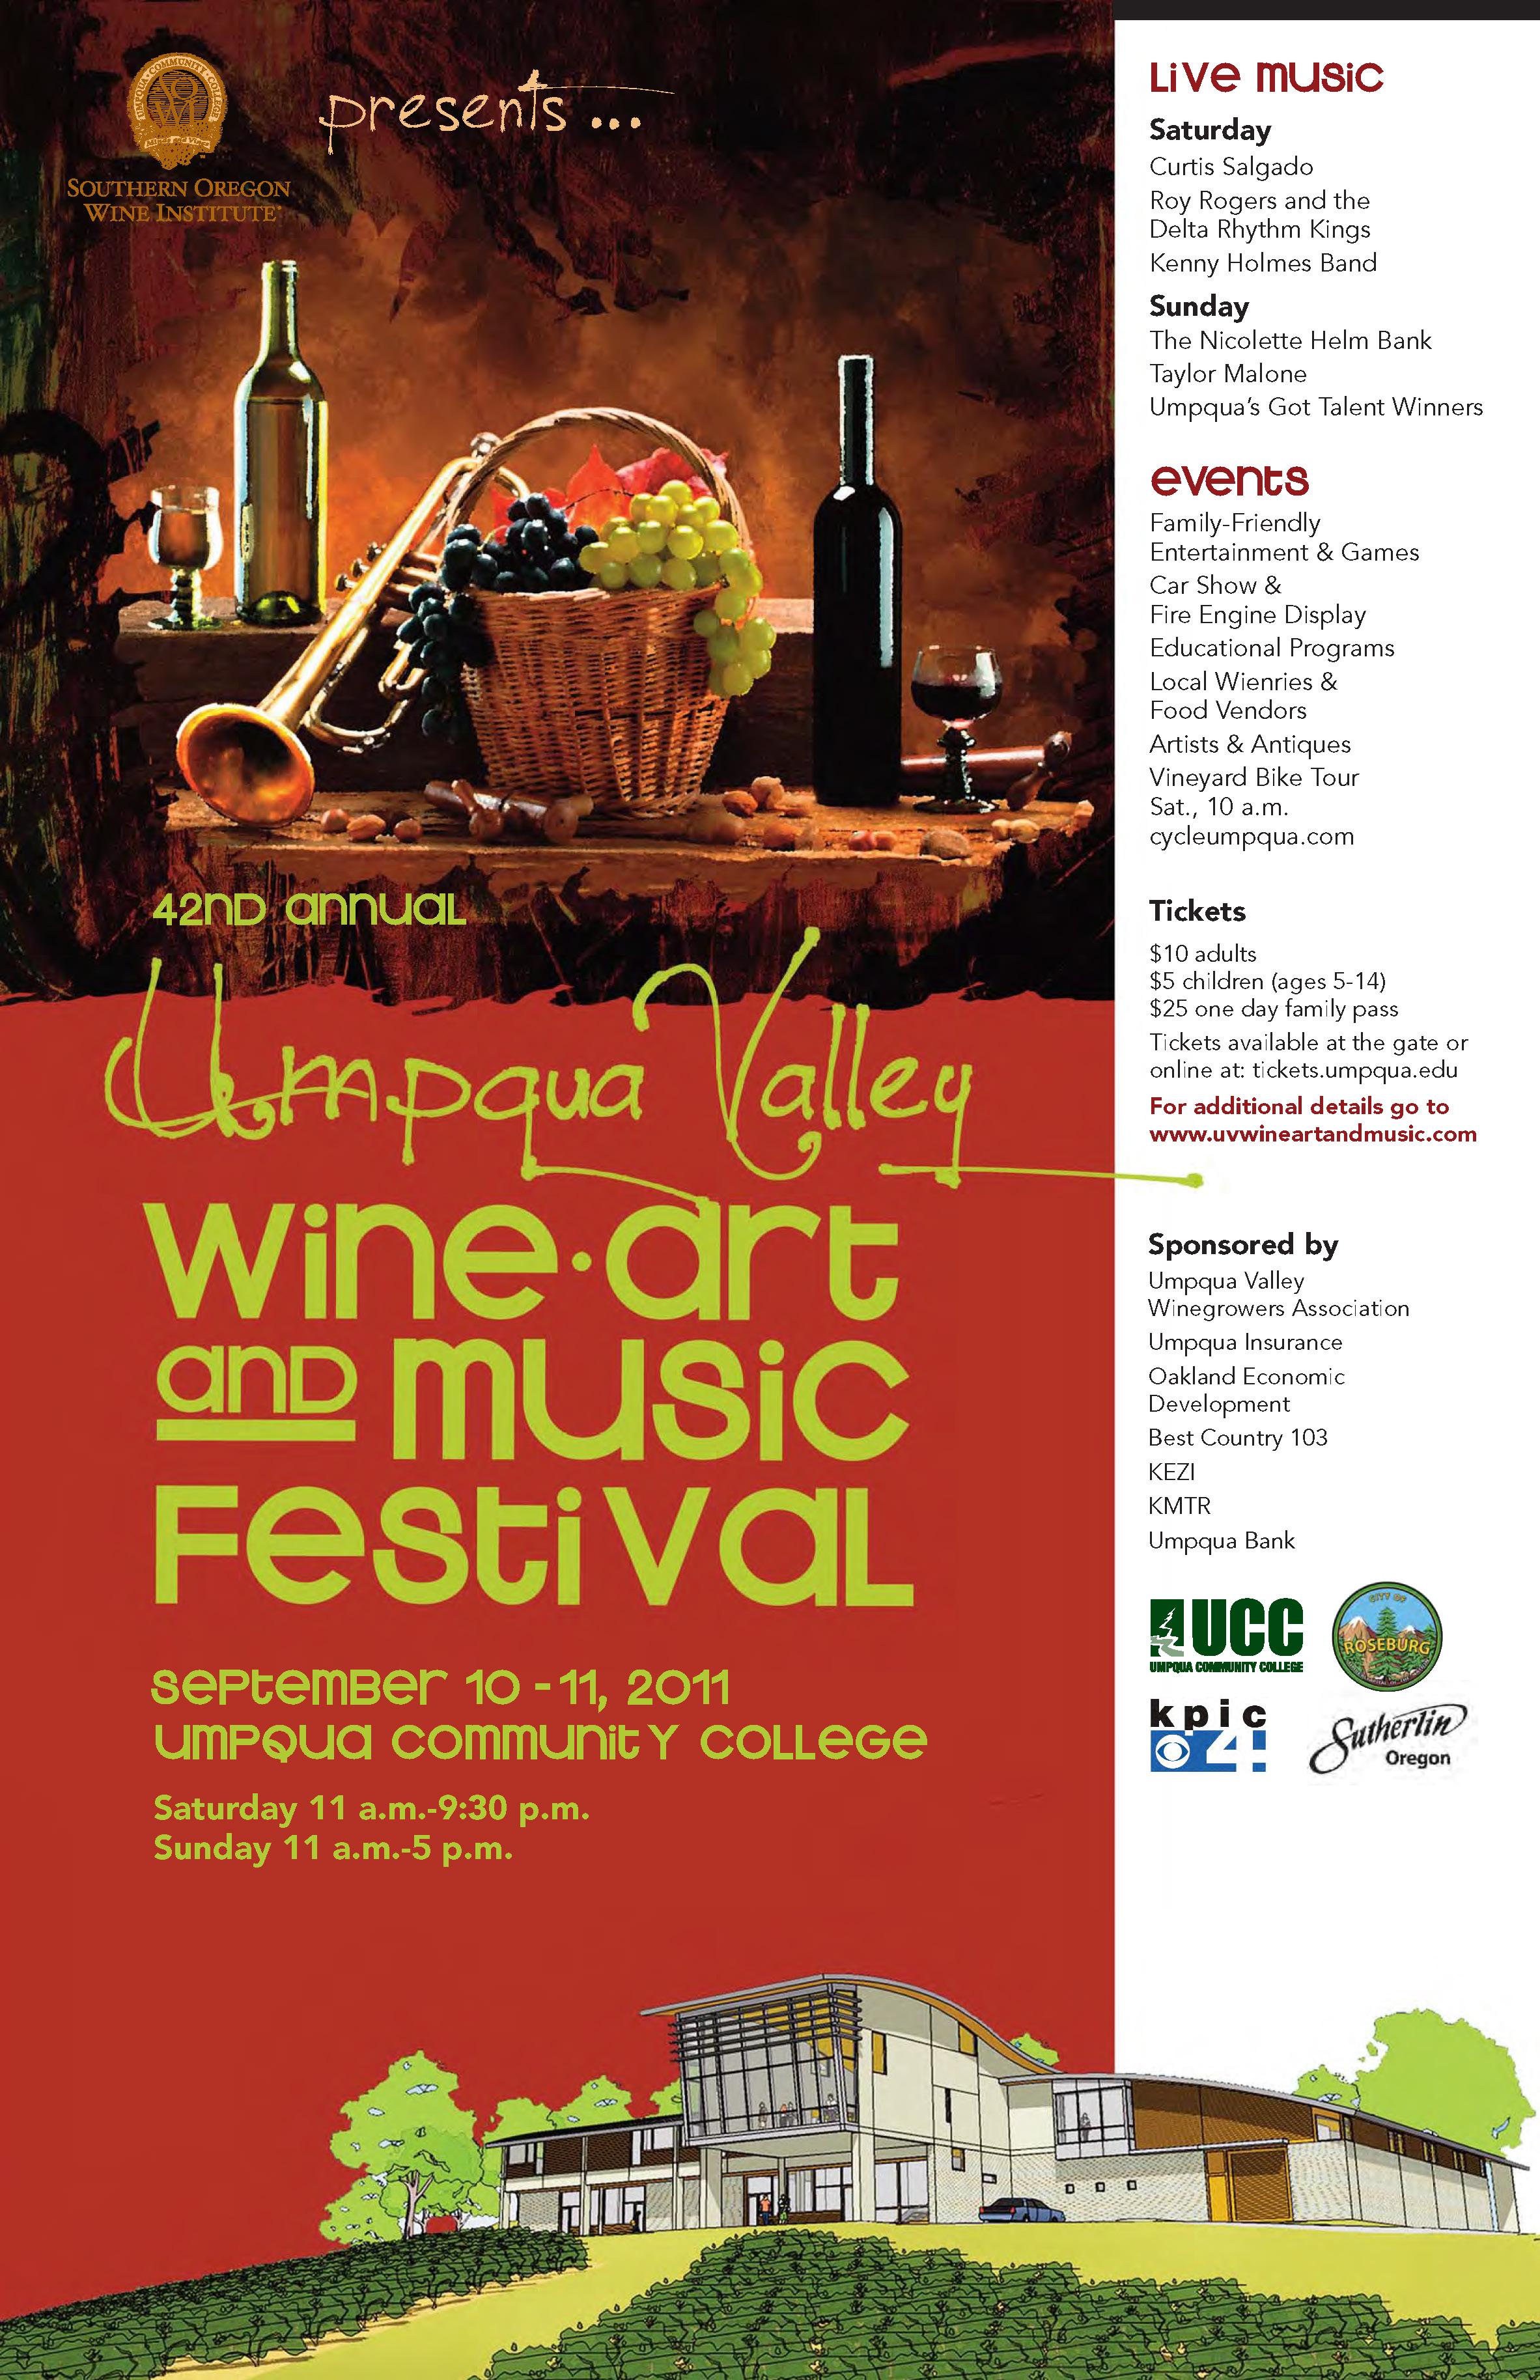 UV Wine Art Music Festival concept